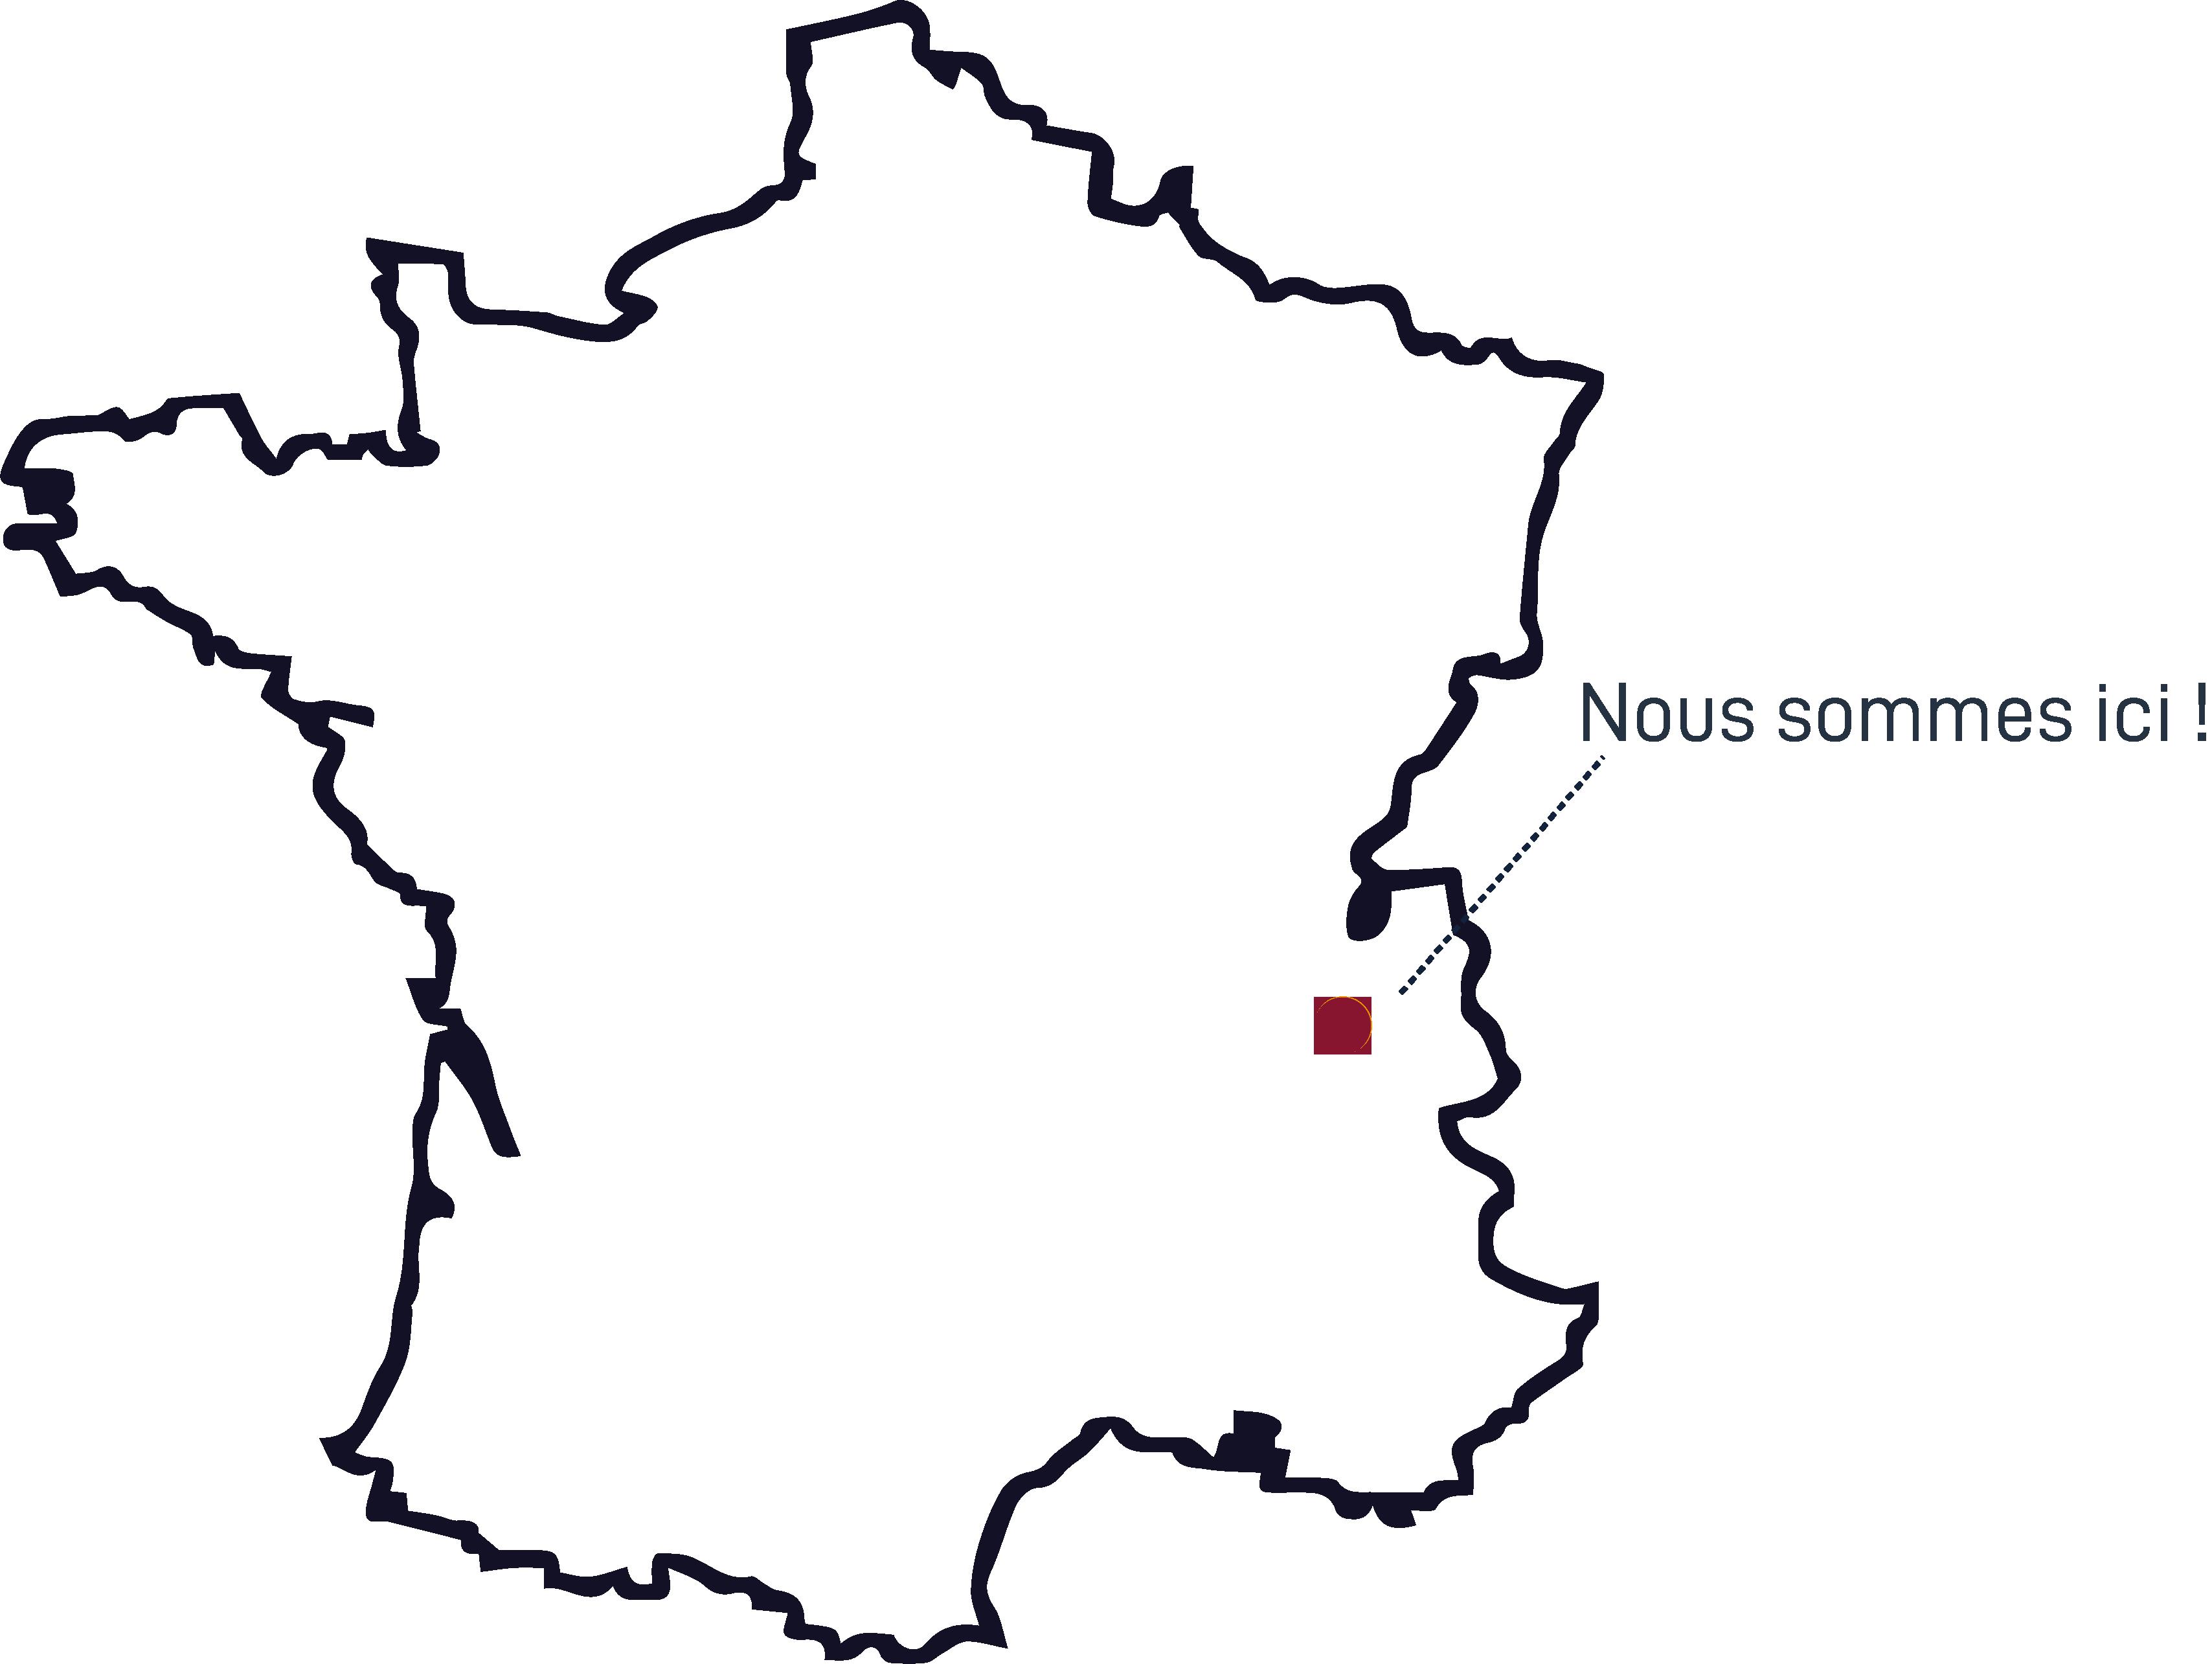 Carte France - Où sommes nous | NC Distribution, Pont-de-Beauvoisin, Domessin